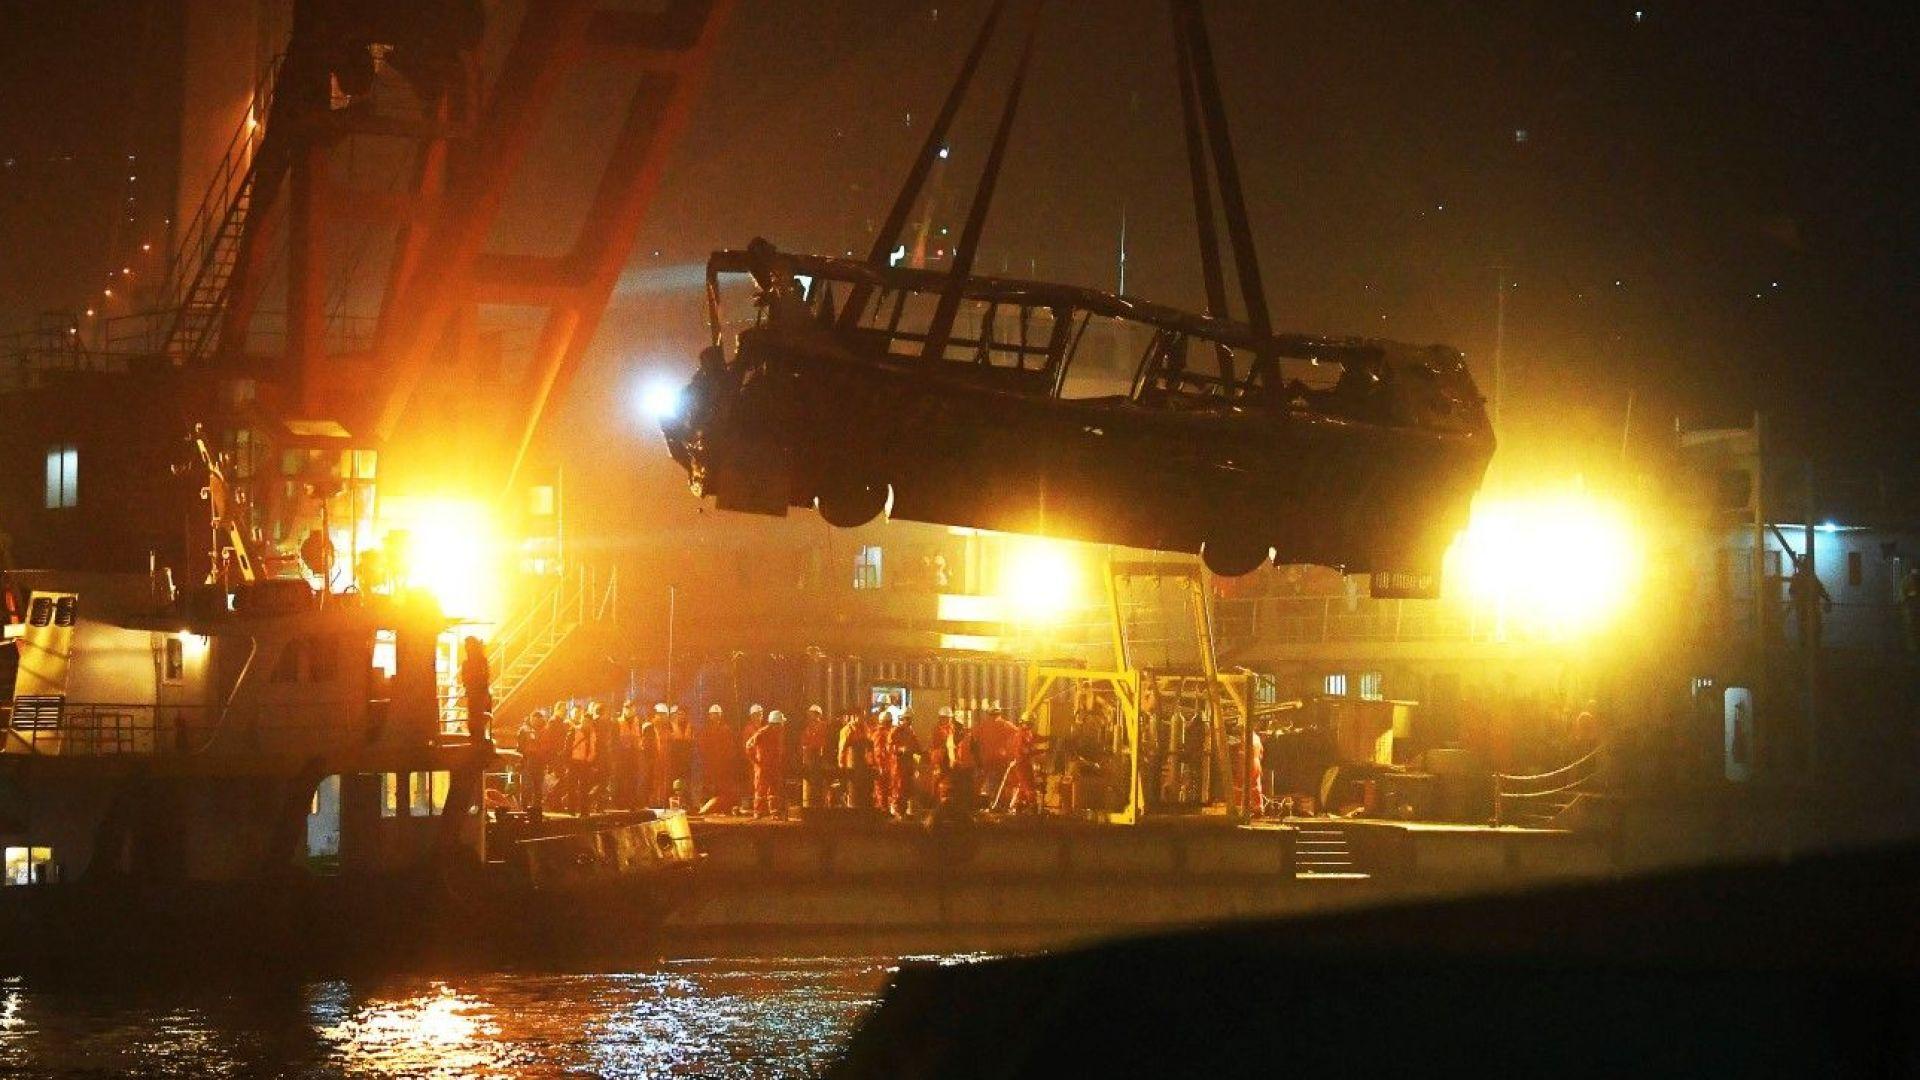 Автобус падна в река Янзцъ след бой между пътничка и шофьор: 13 са загинали